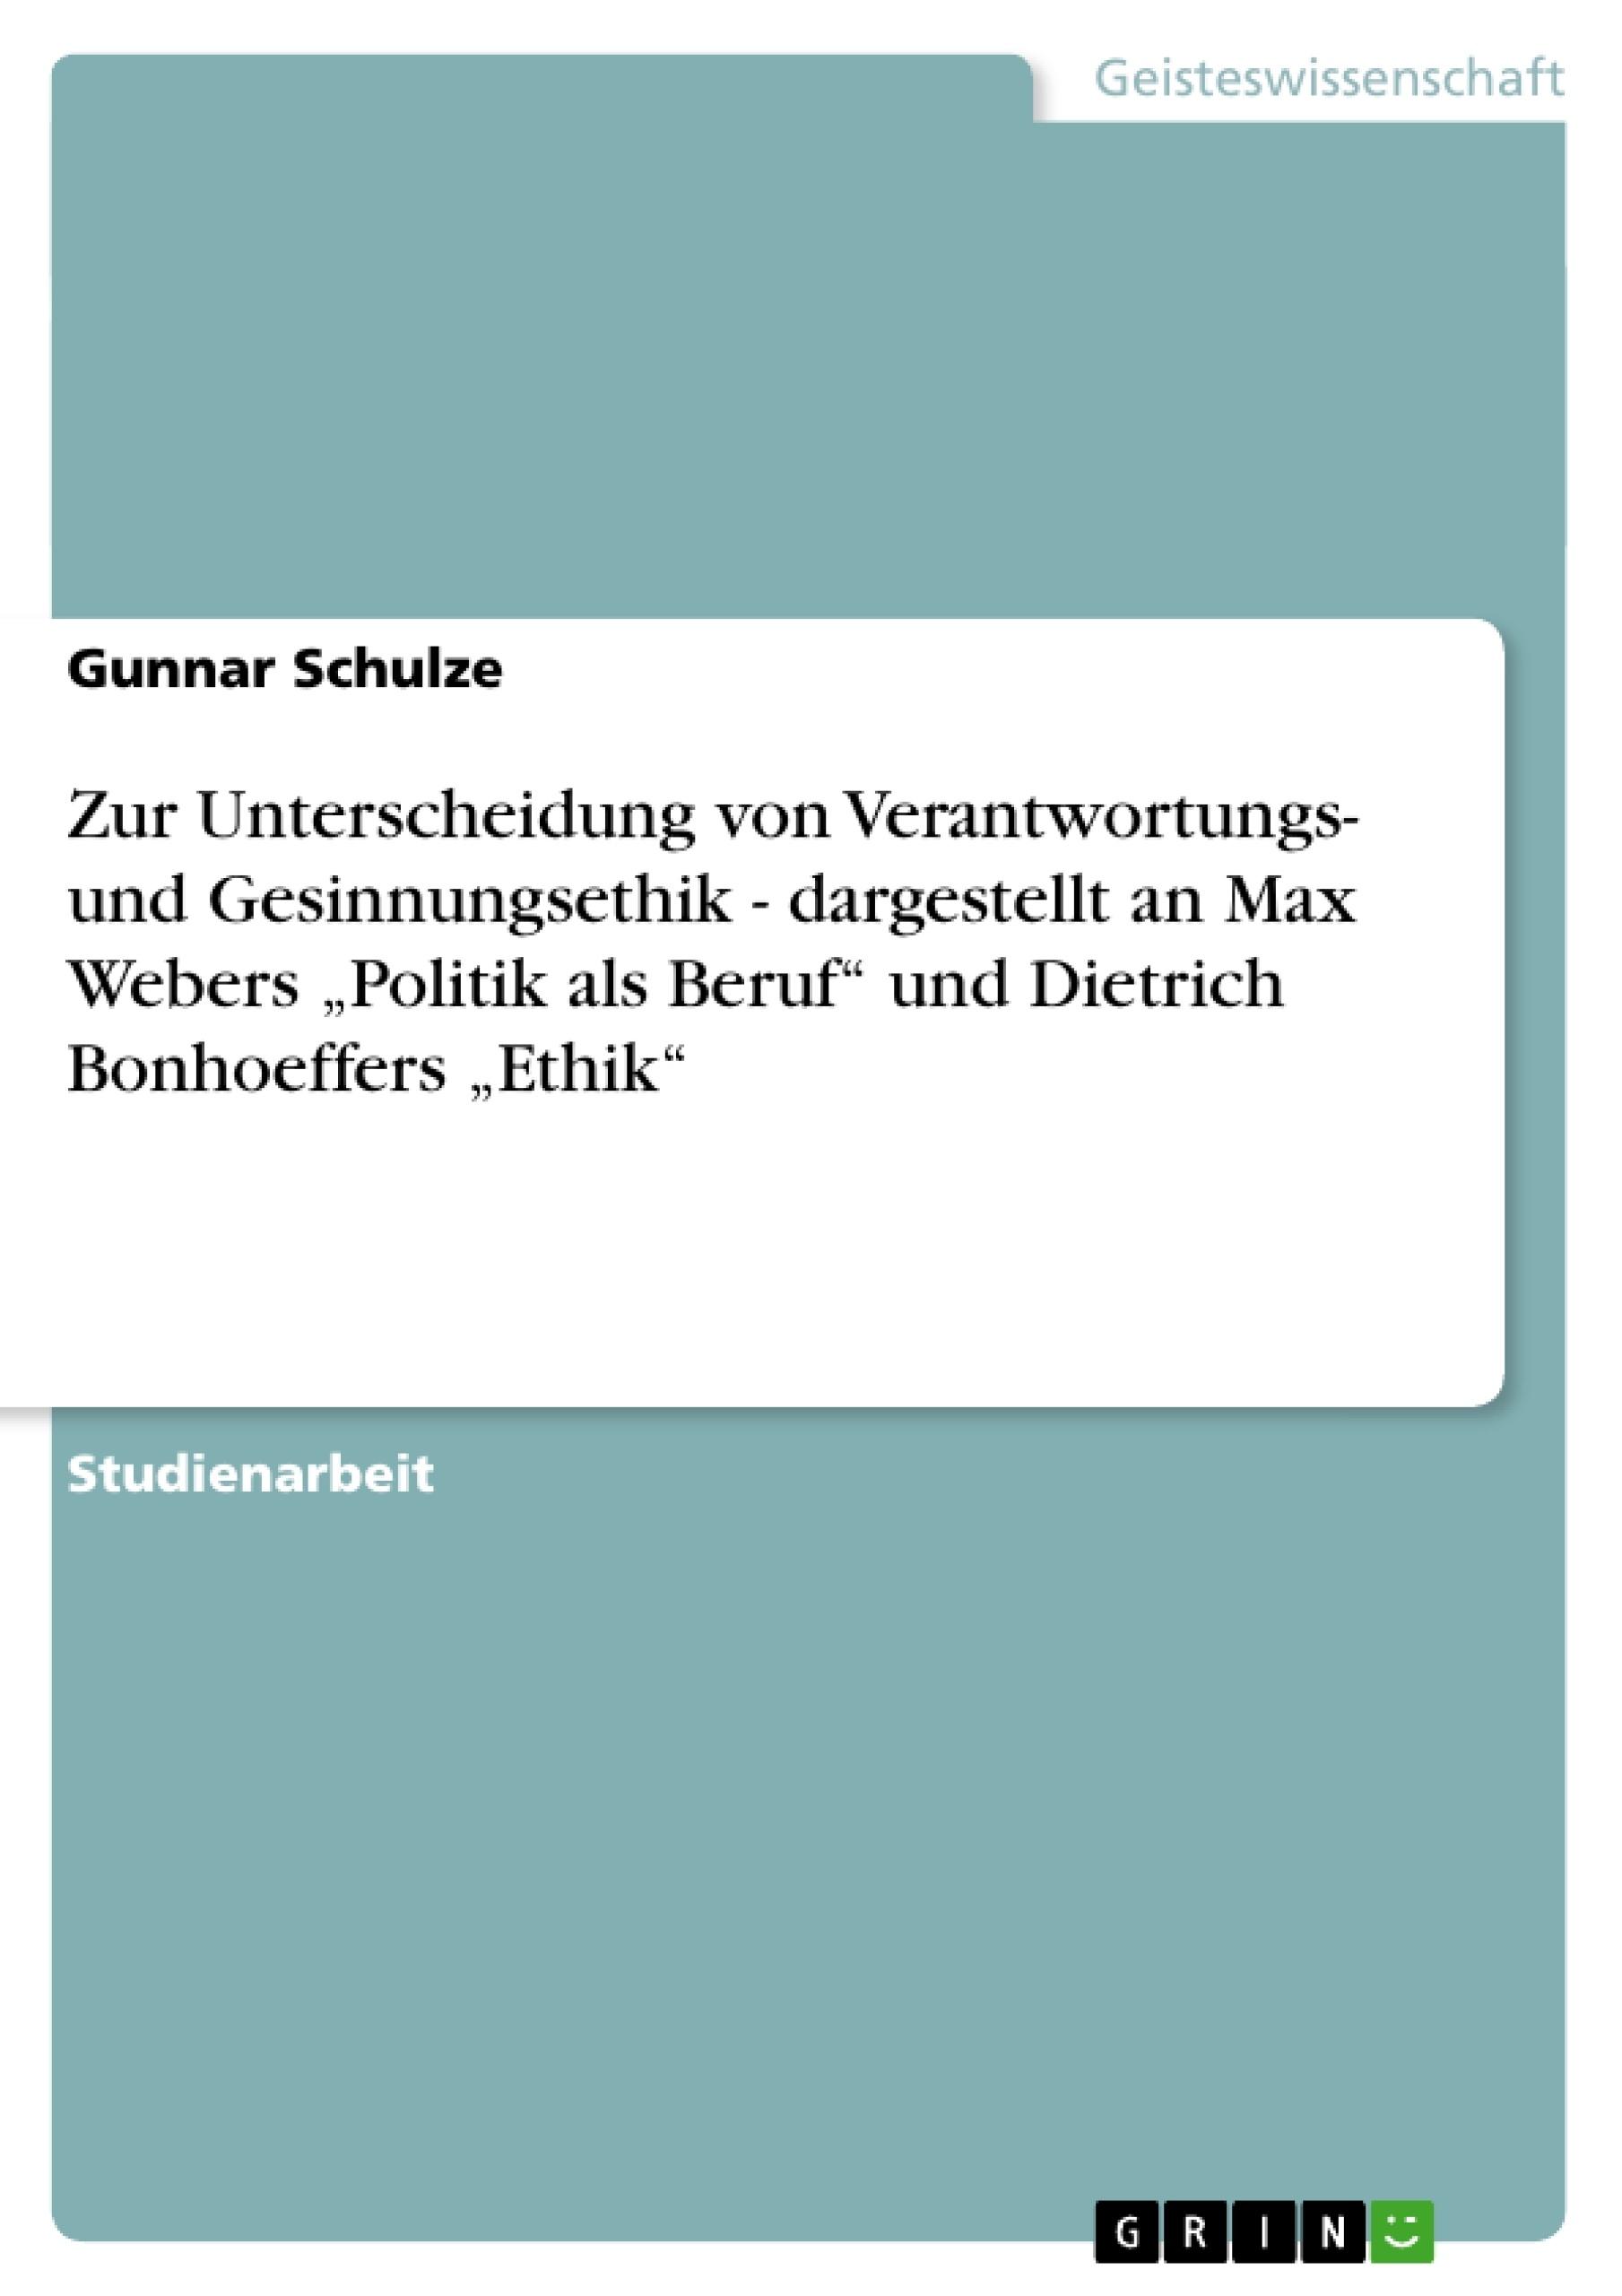 """Titel: Zur Unterscheidung von Verantwortungs- und Gesinnungsethik - dargestellt an Max Webers """"Politik als Beruf"""" und Dietrich Bonhoeffers """"Ethik"""""""